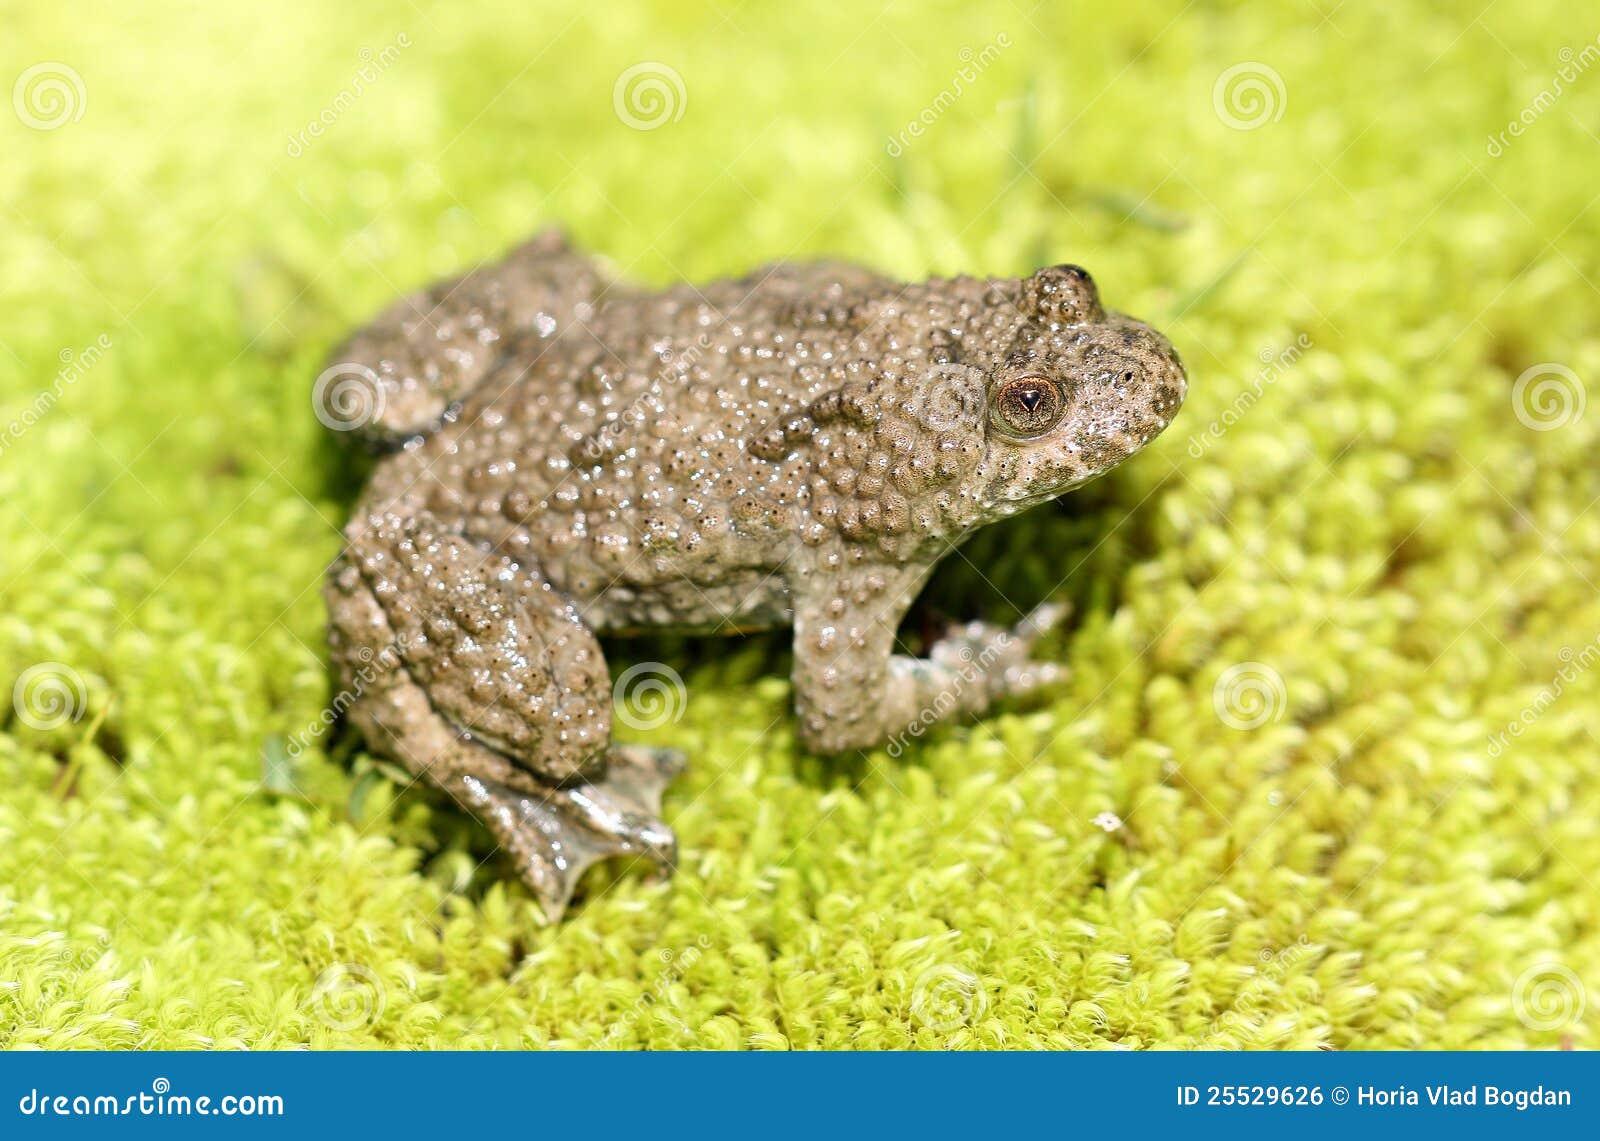 Färben Sie Aufgeblähte Kröte (Frosch) Auf Grünem Moos Gelb Stockfoto ...